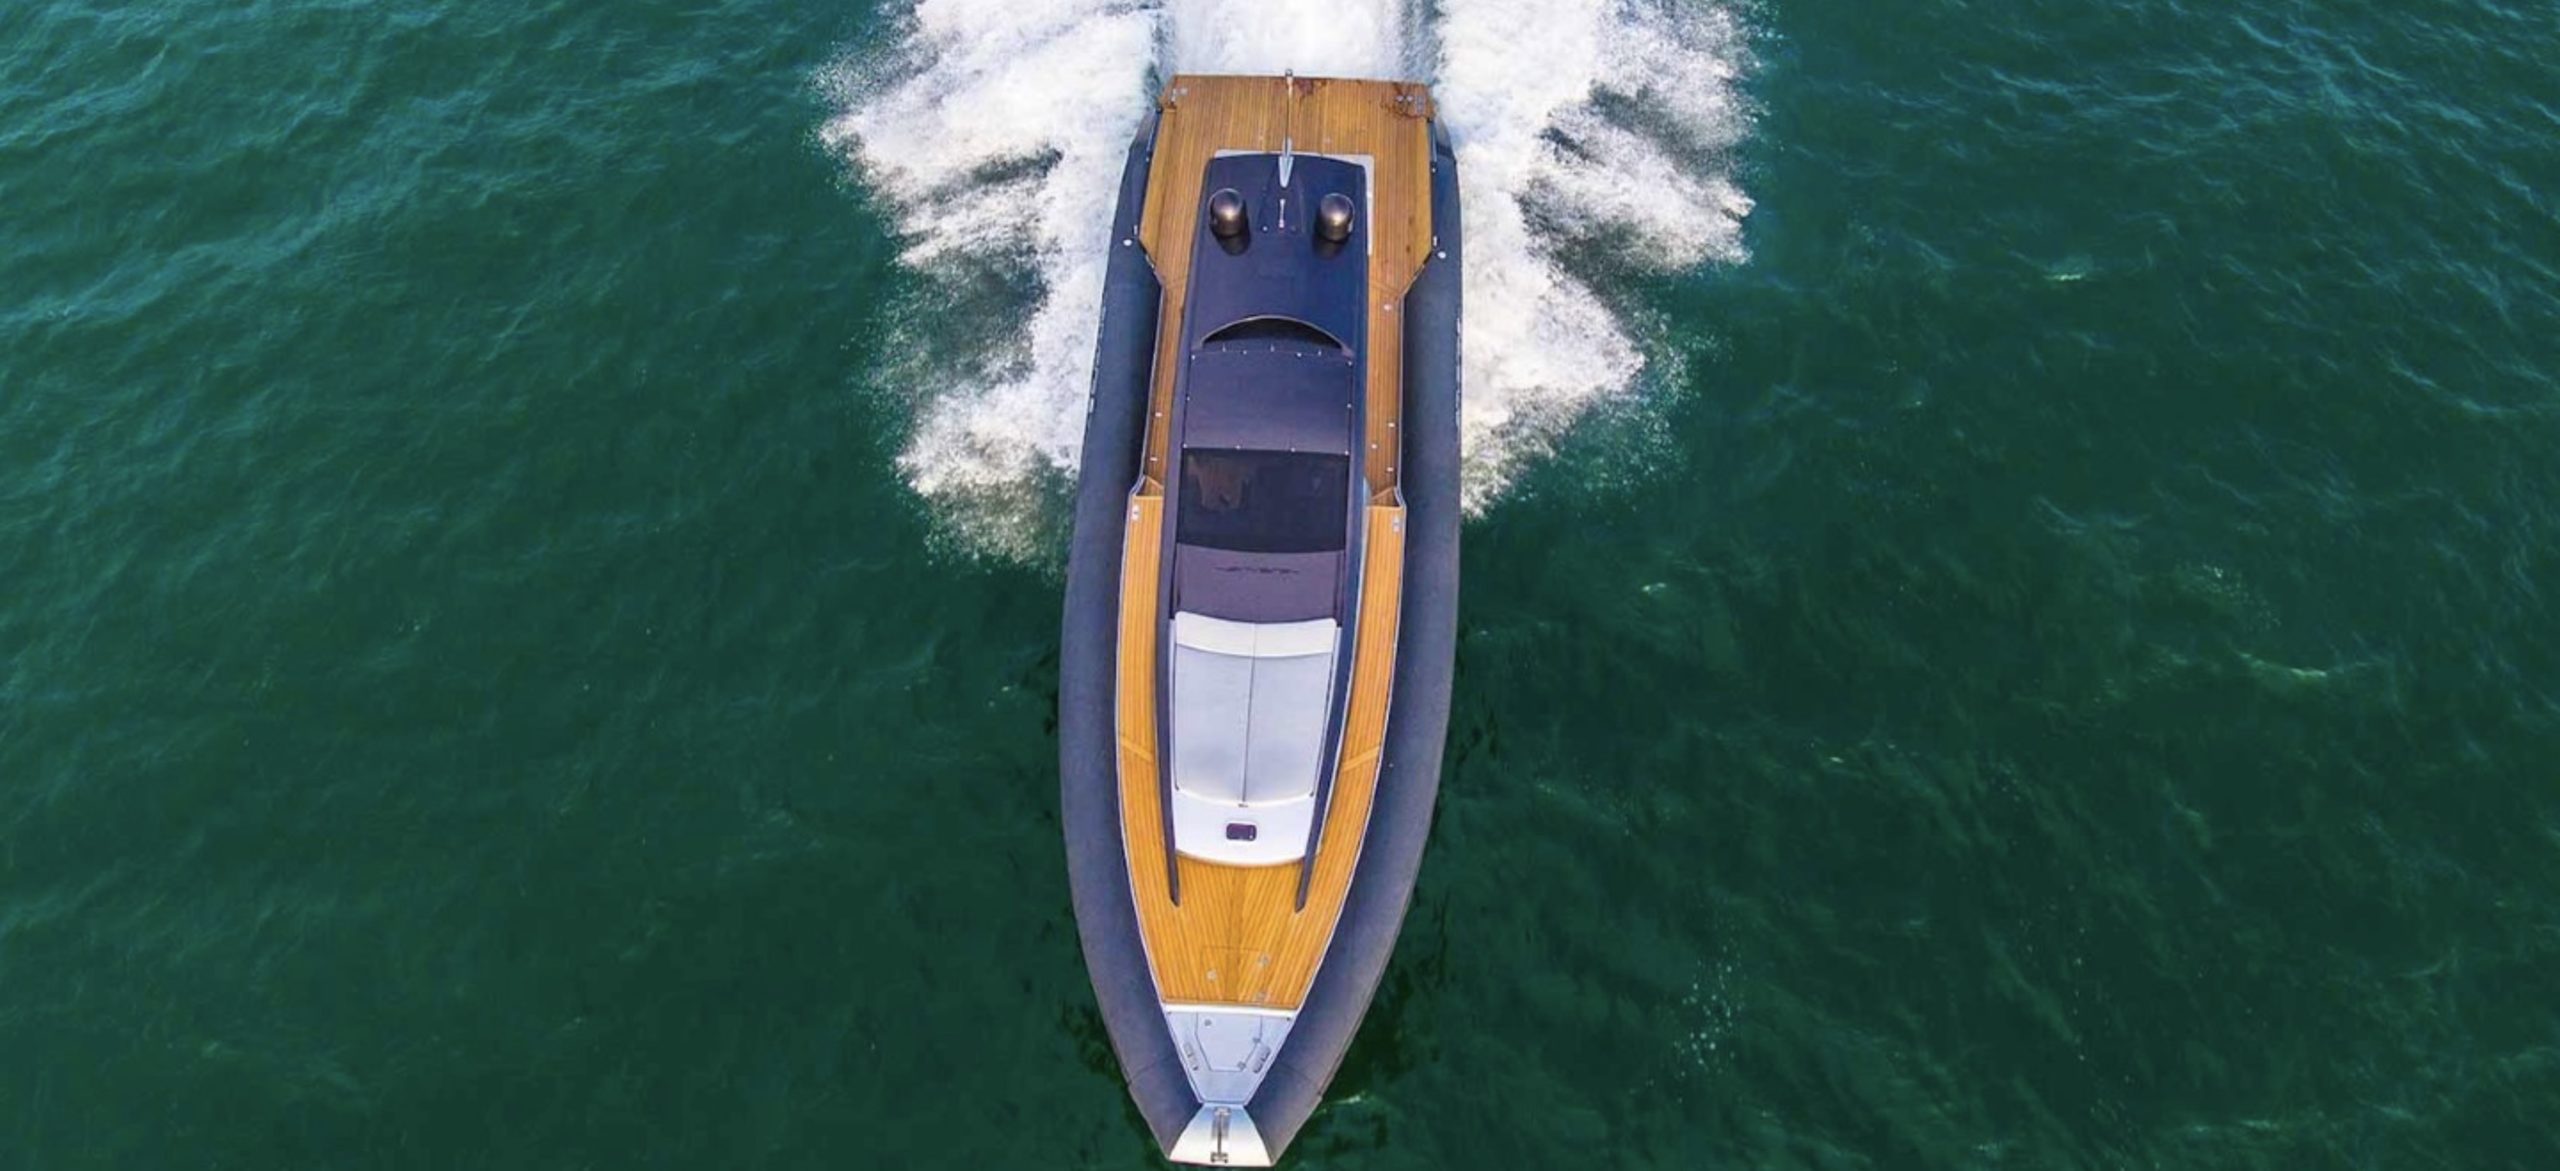 ANG-Yachts-Anverra-55-S 2